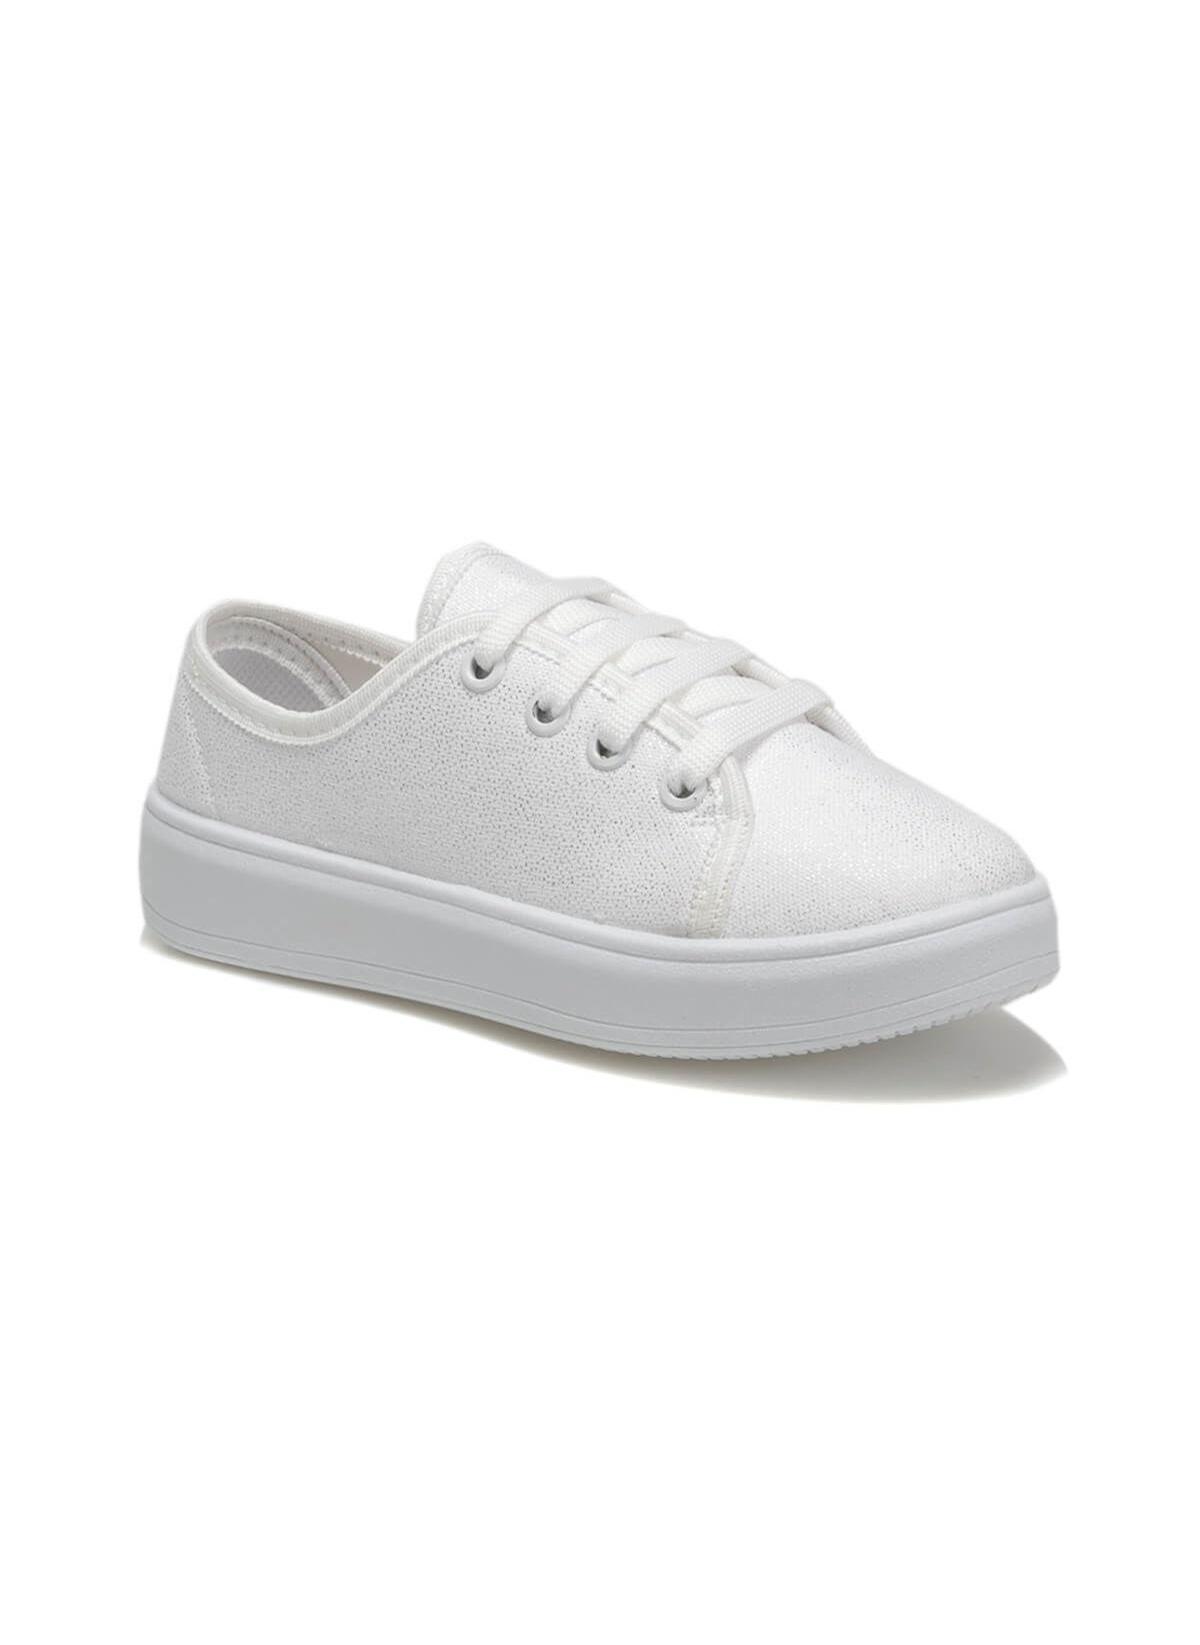 Polaris Ayakkabı 91.510205.f Ayakkabı – 69.99 TL